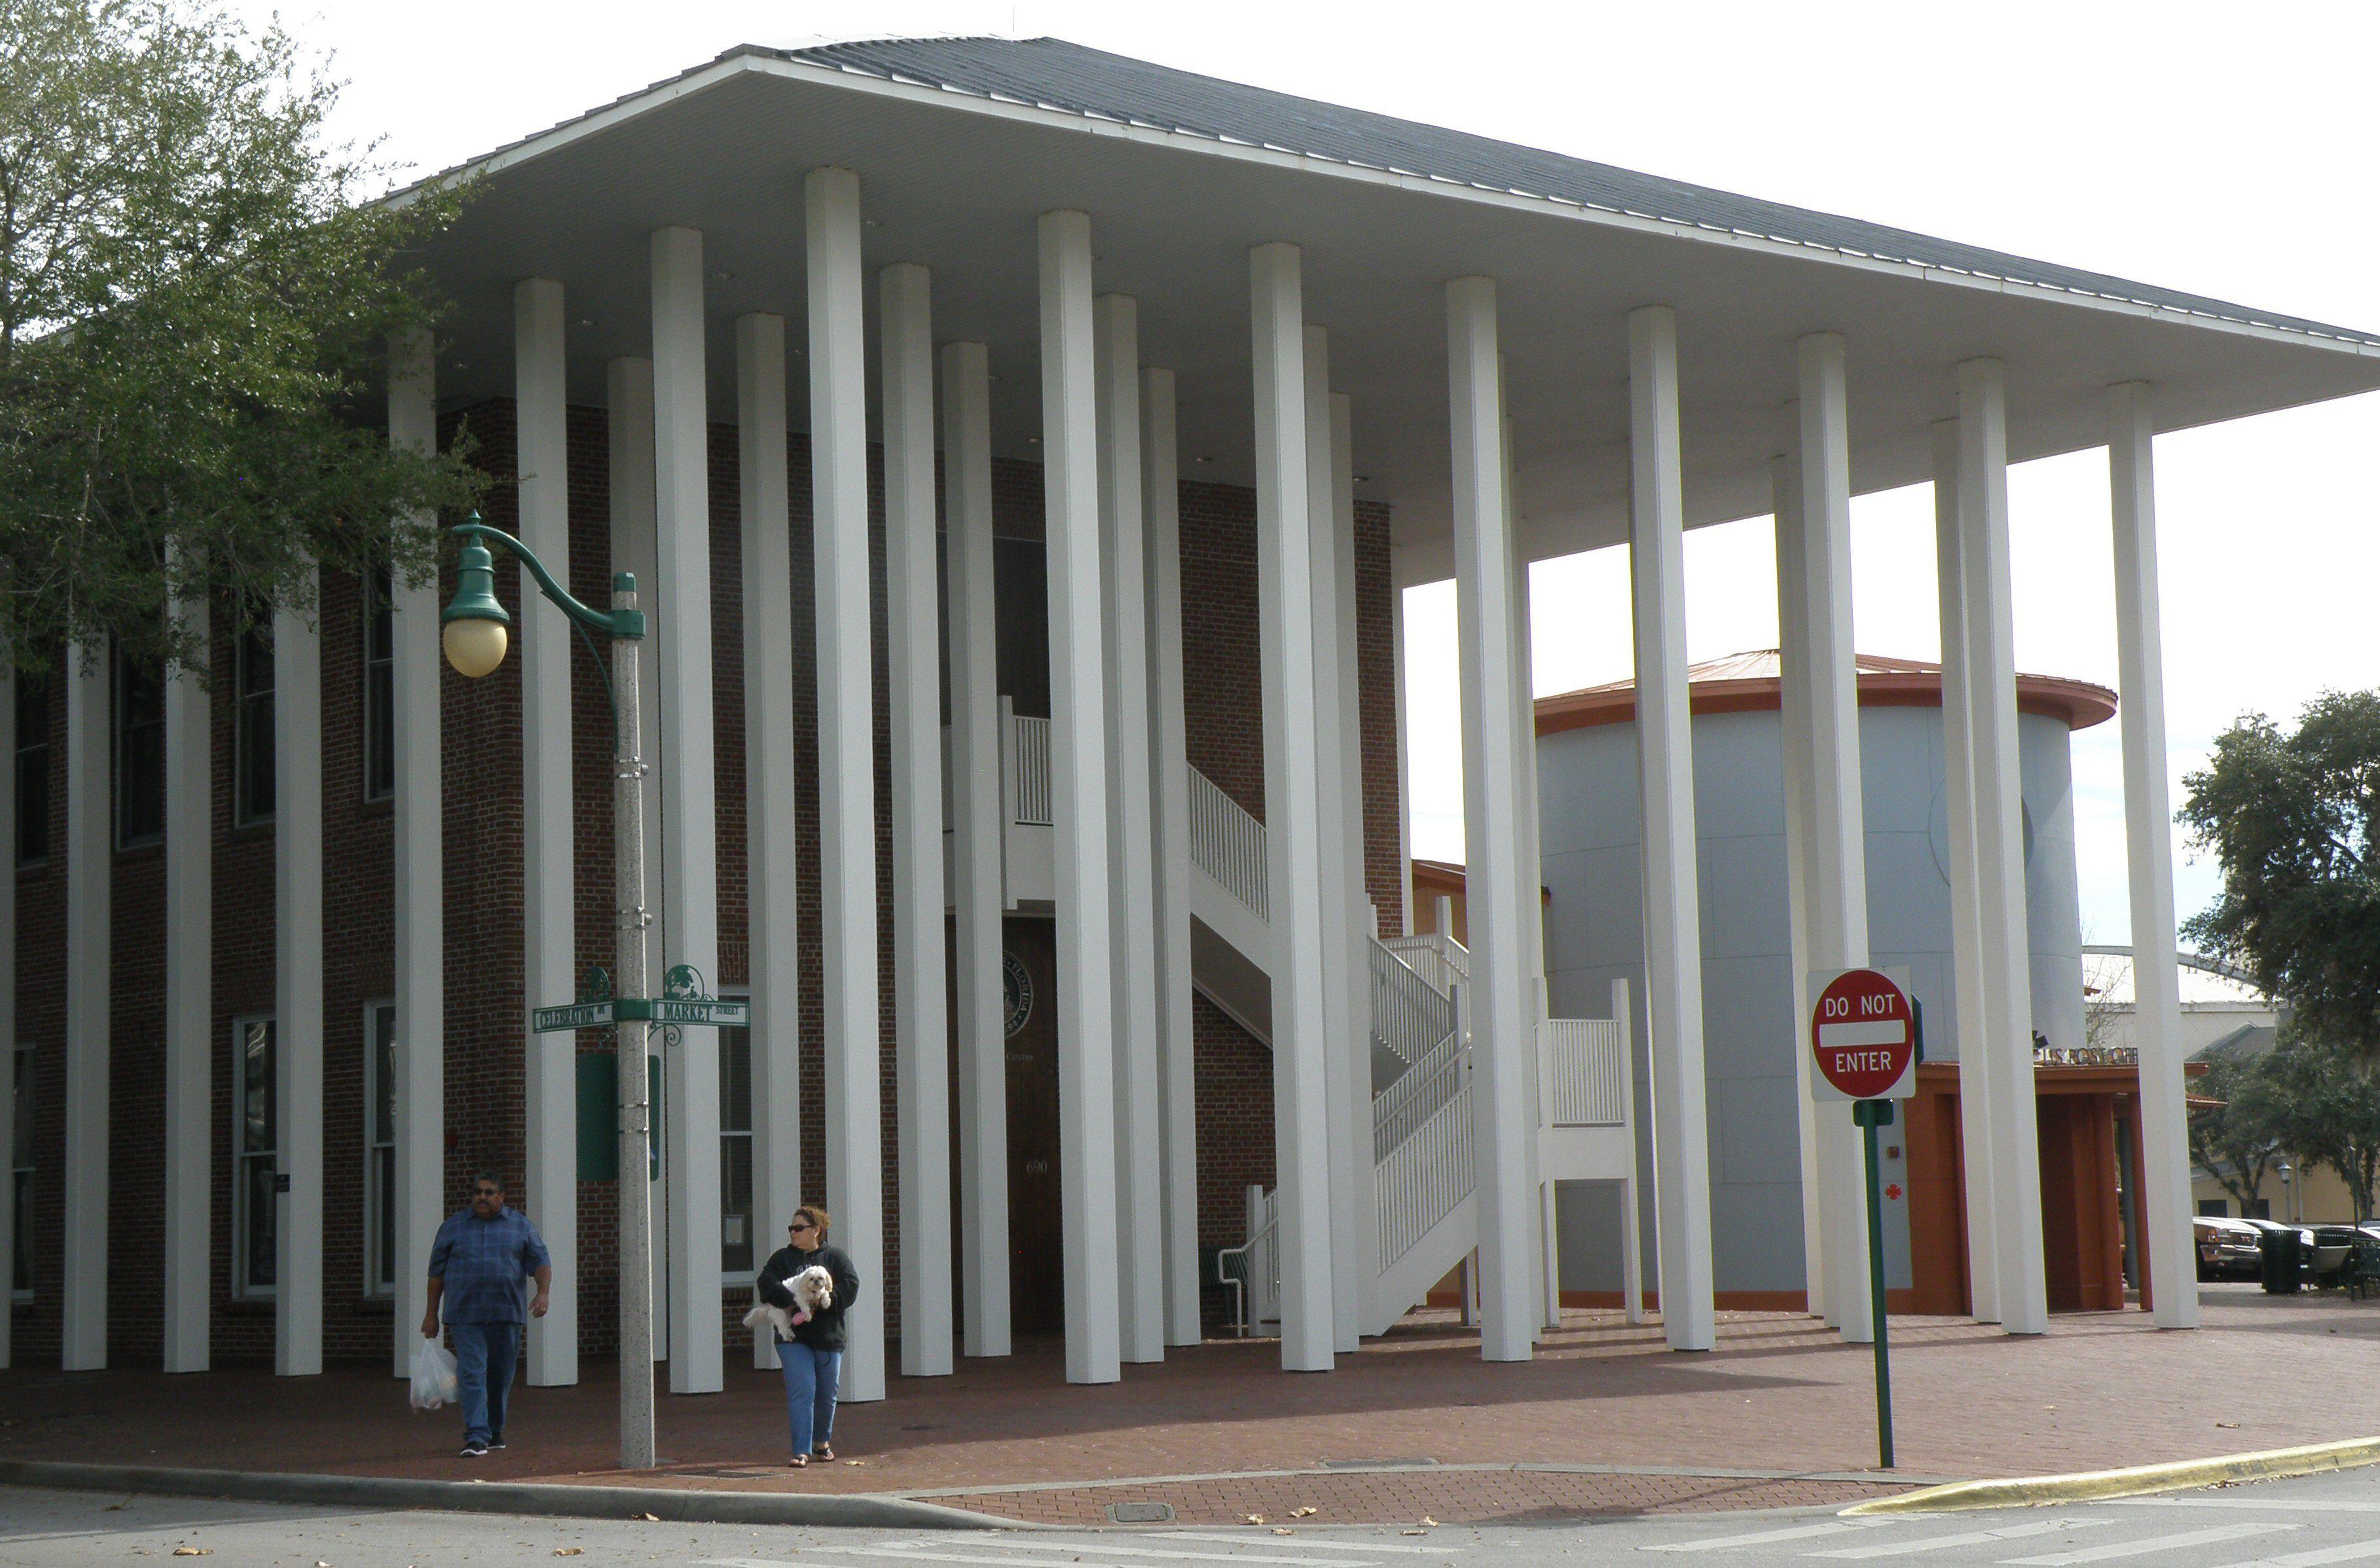 múltiples columnas blancas bajo un techo a cuatro aguas ocultan la entrada a todo el edificio